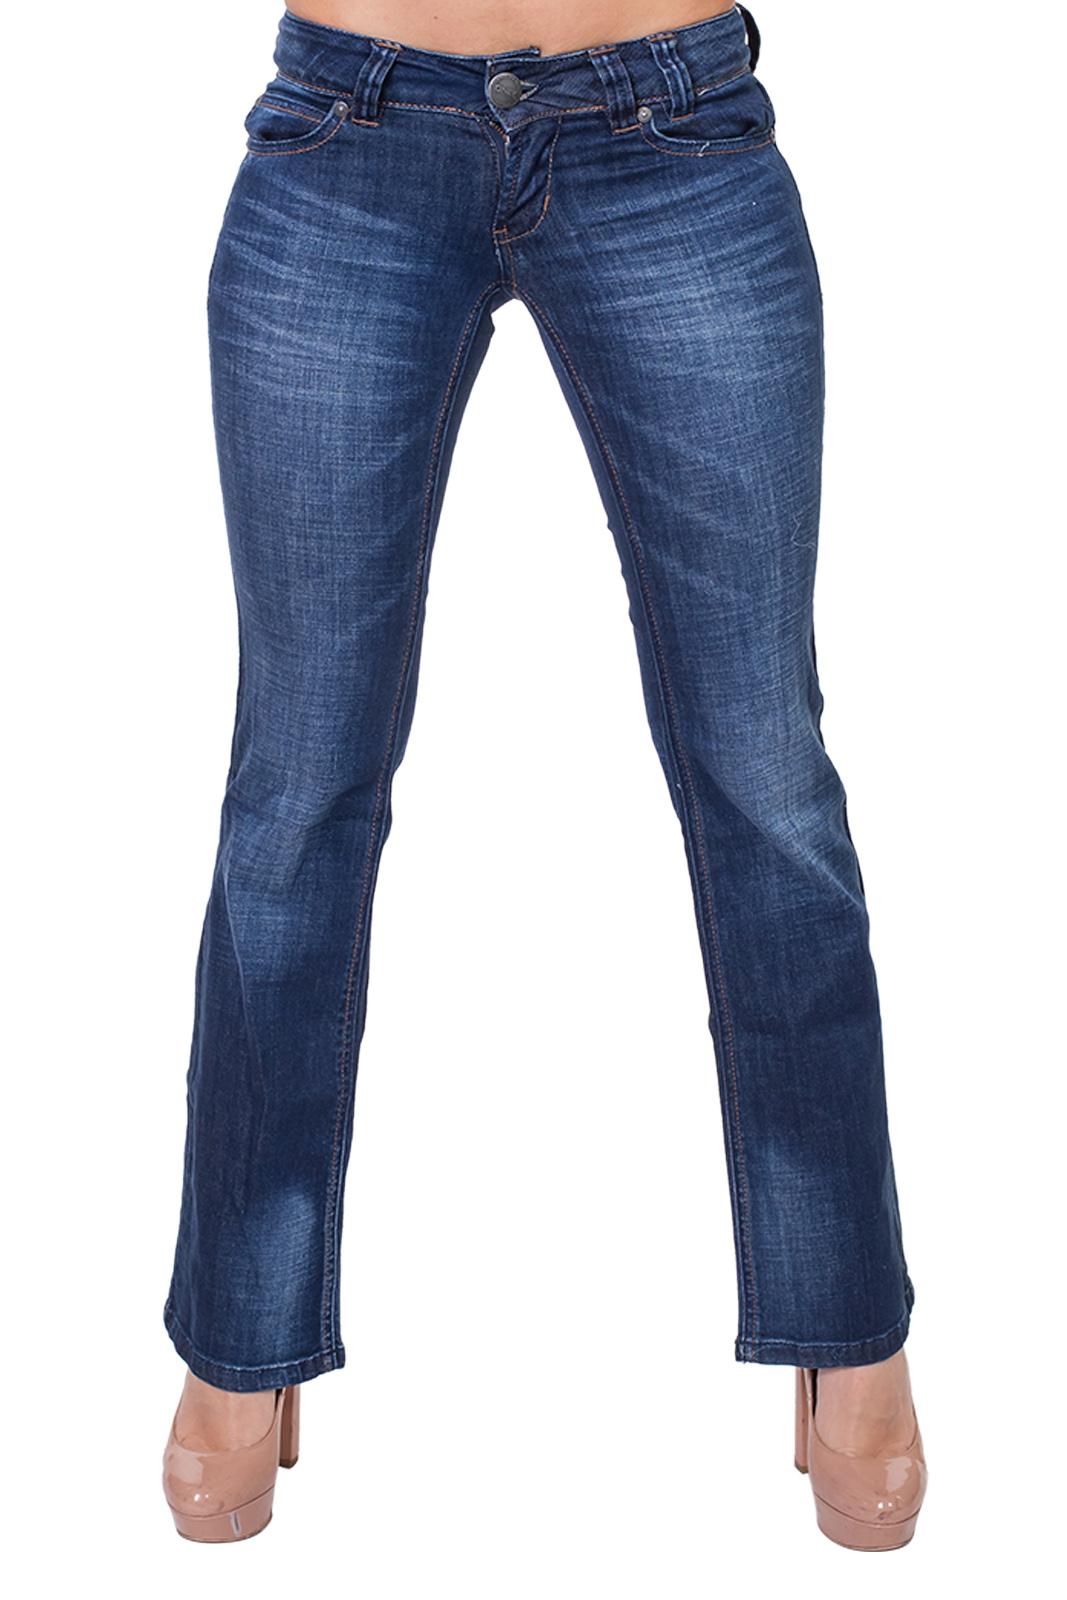 Купить в интернет магазине стильные женские джинсы